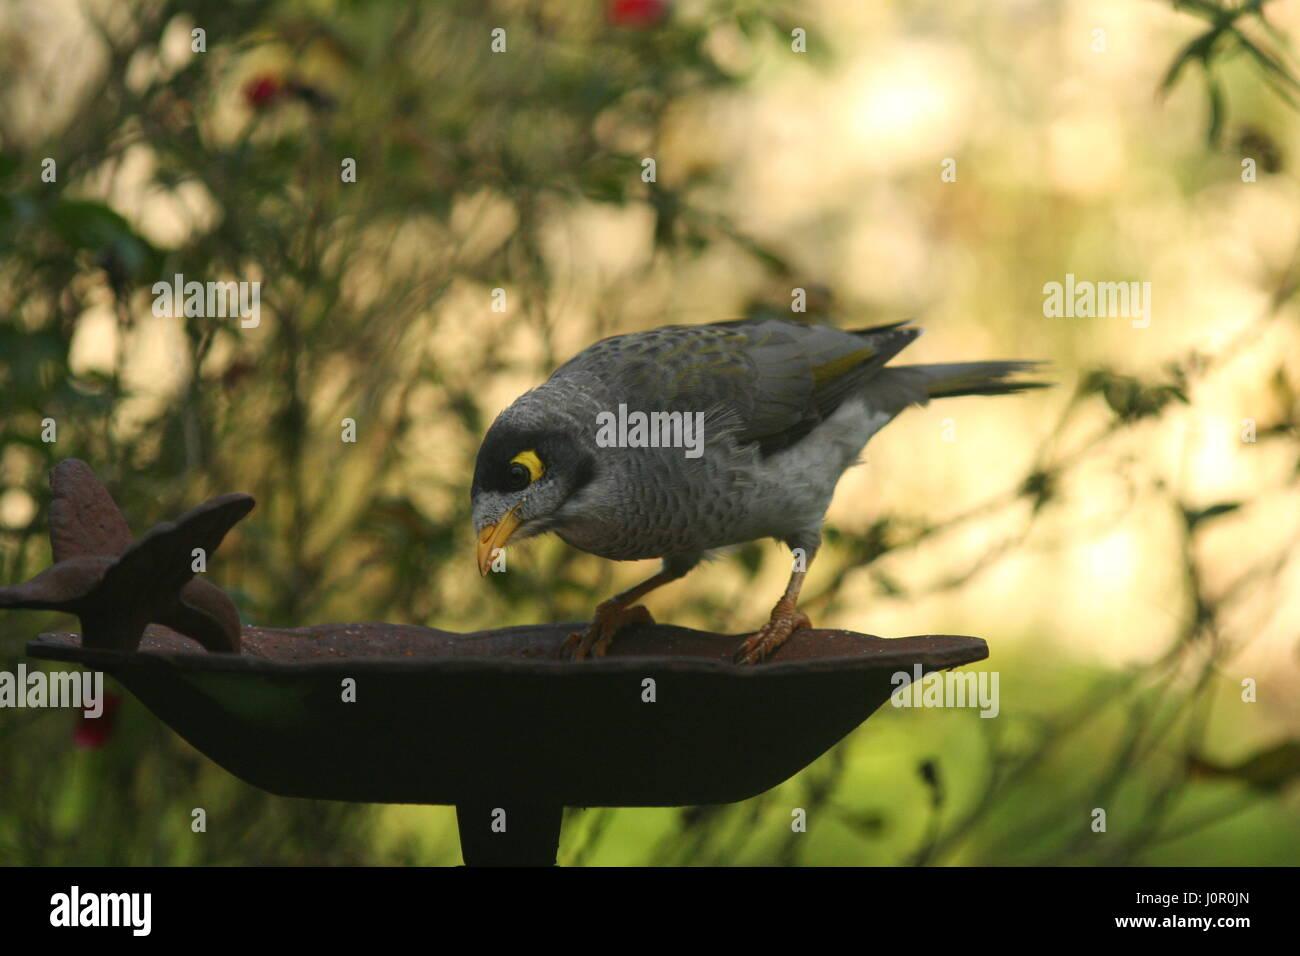 Noisey Miner Australian native bird - Stock Image